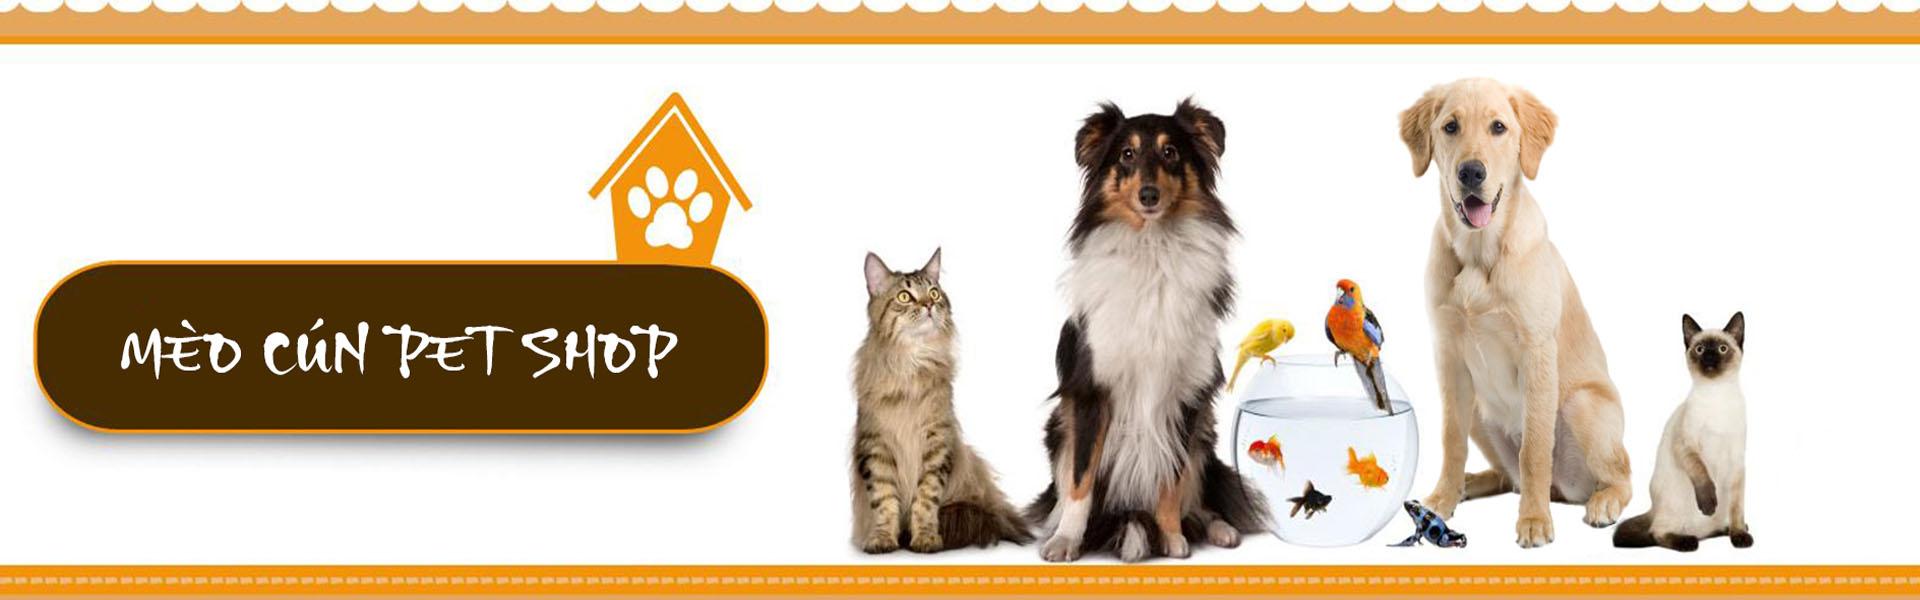 Mèo cún pet shop - Thức ăn chó mèo